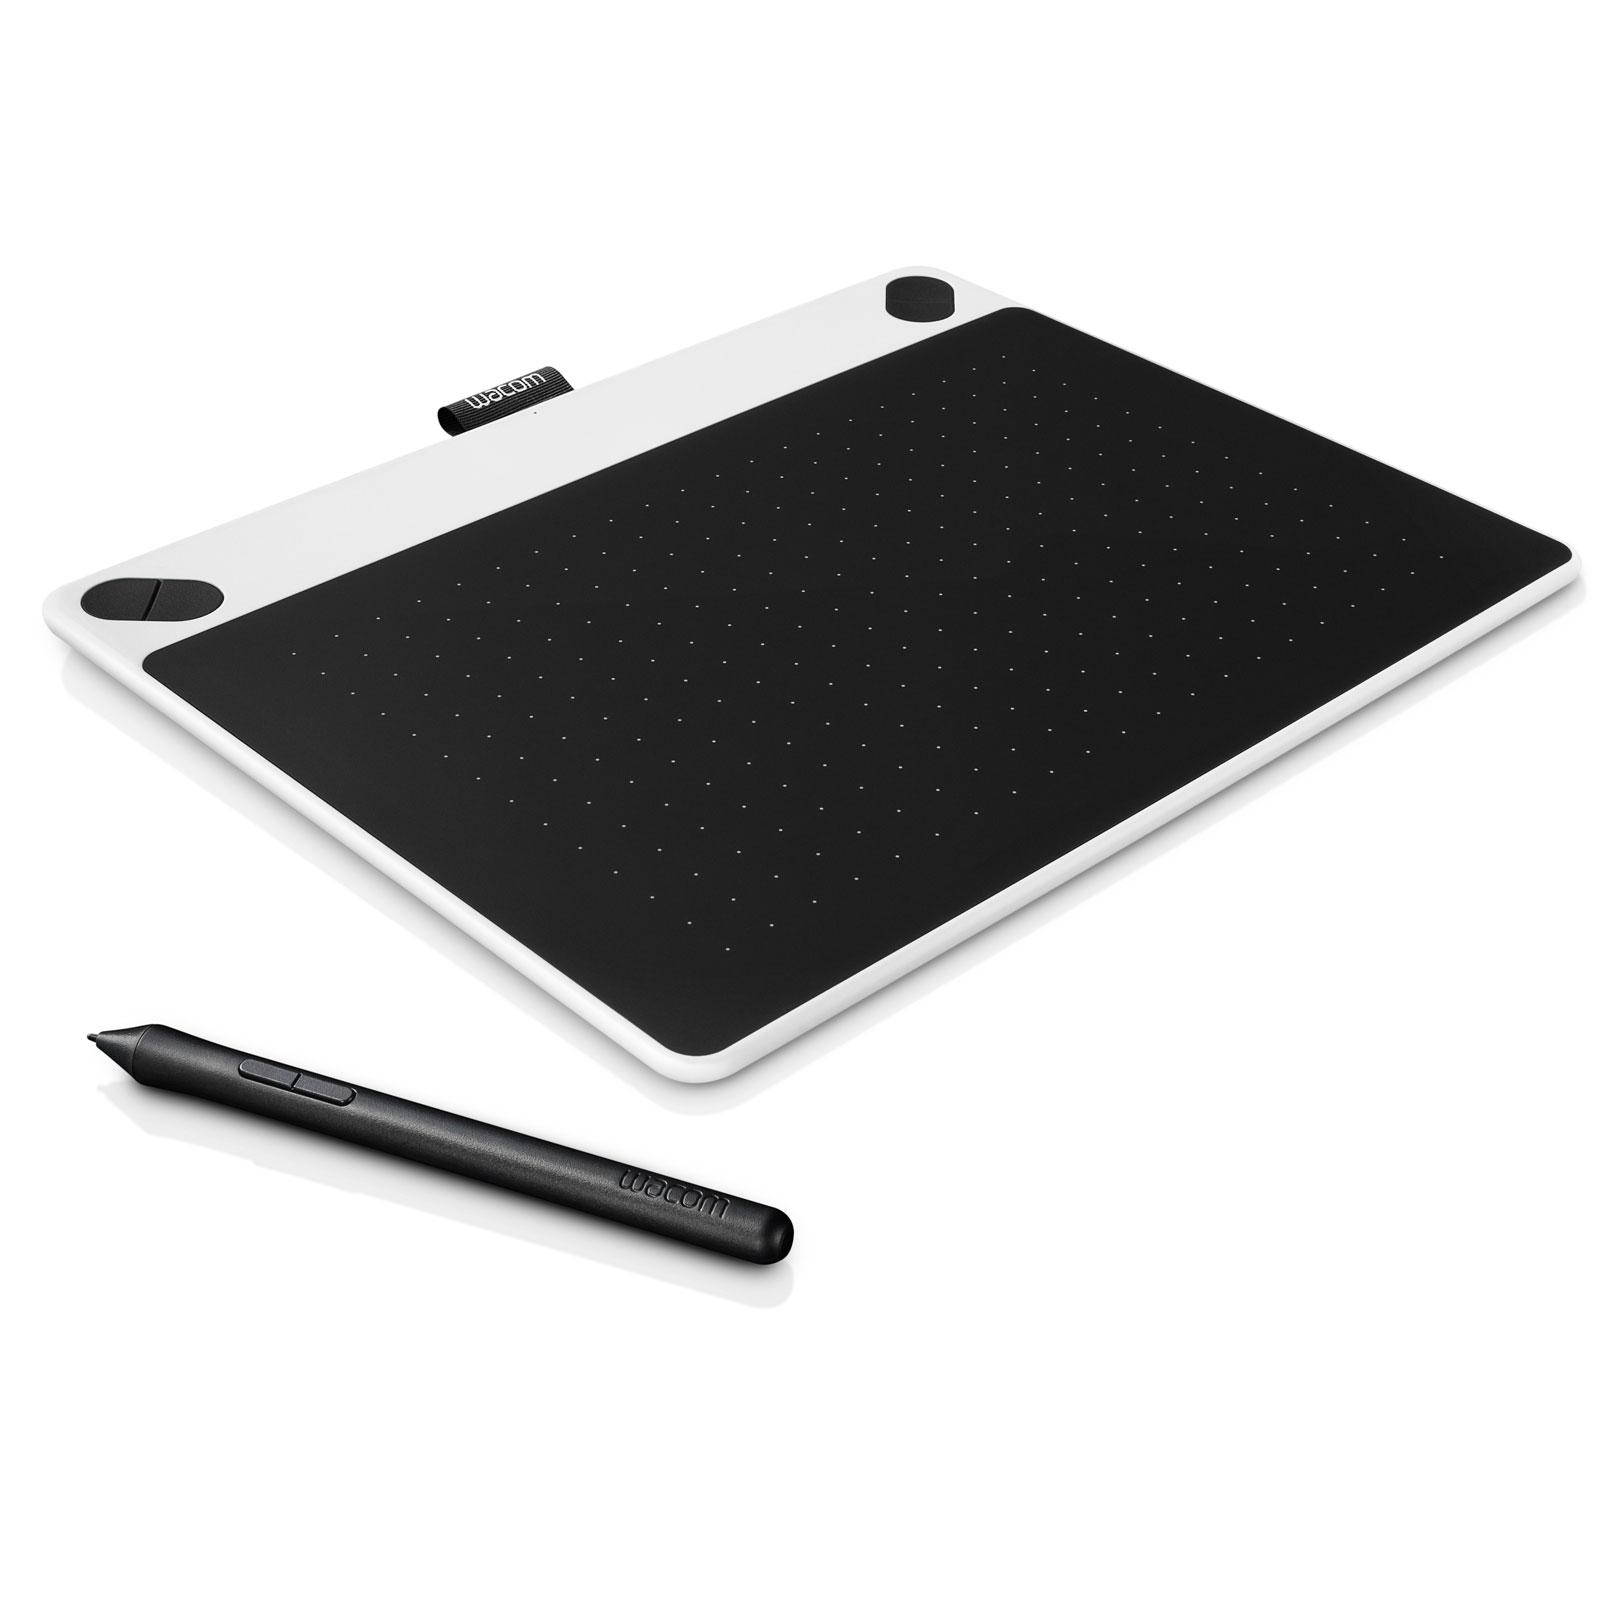 Wacom Intuos Draw Small - Tablette graphique Wacom - Cybertek.fr - 3